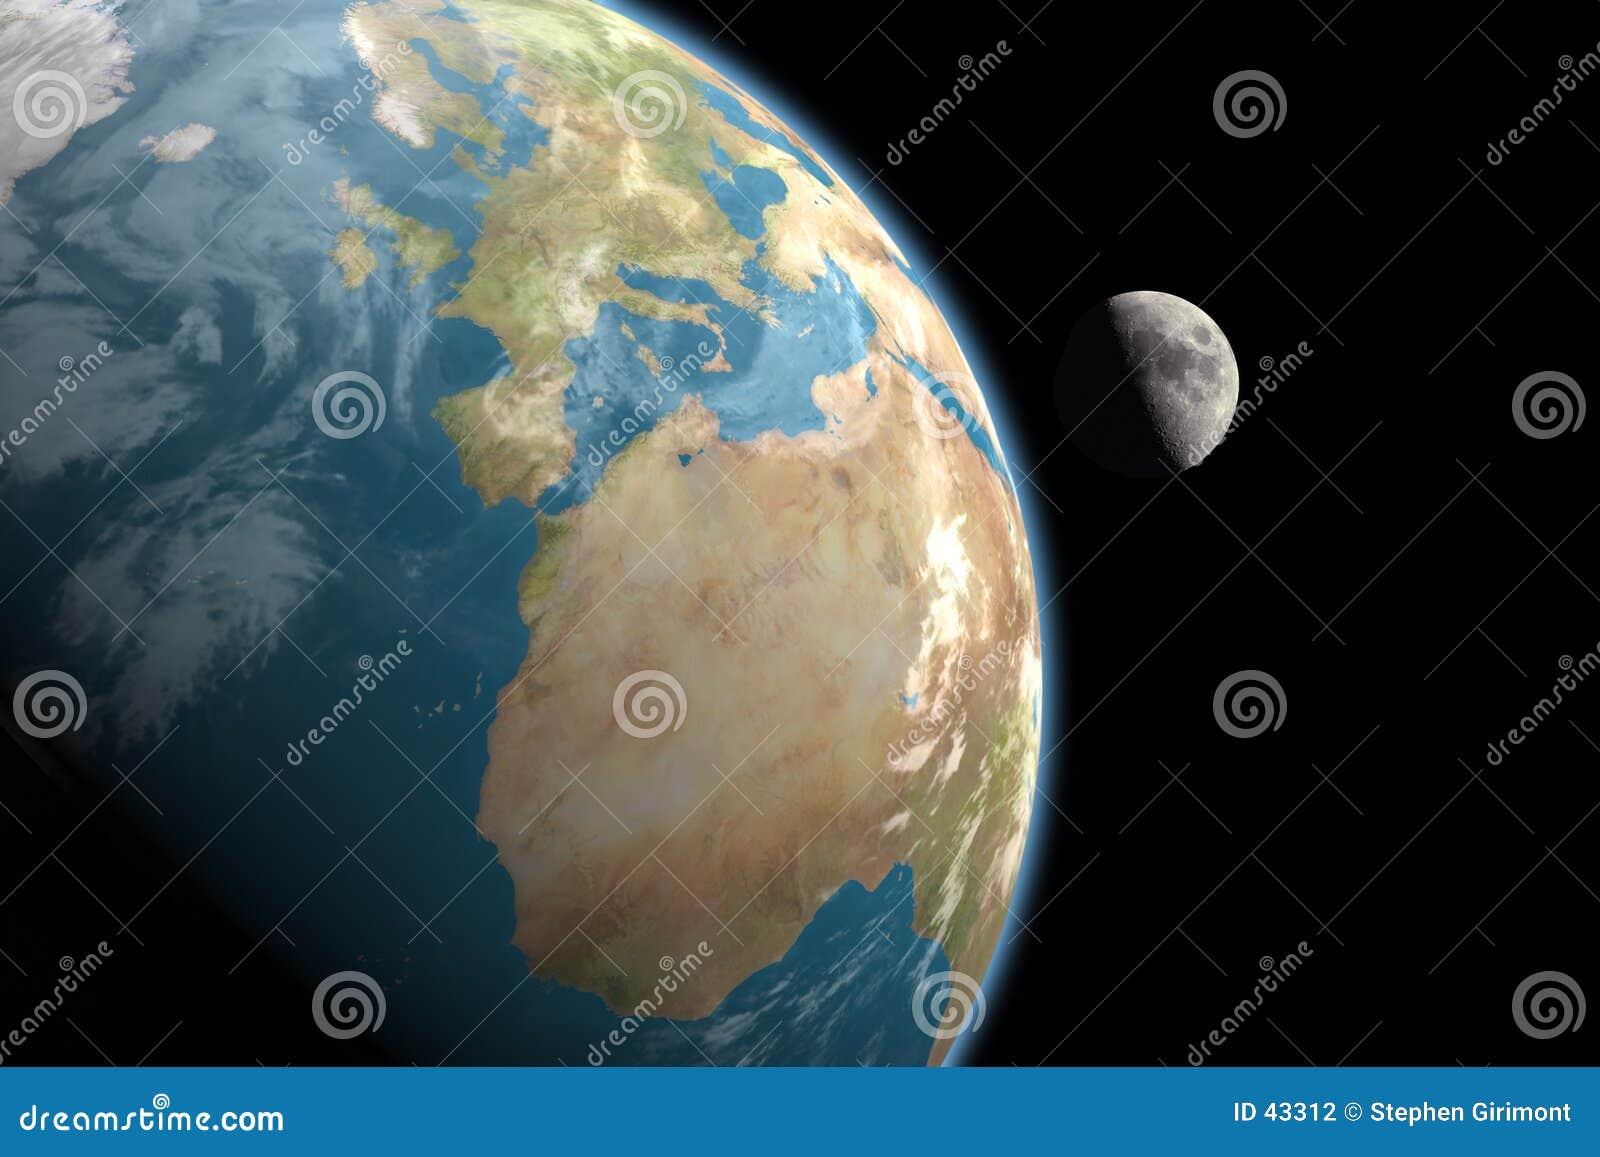 Afryce. gwiazd ani księżyca